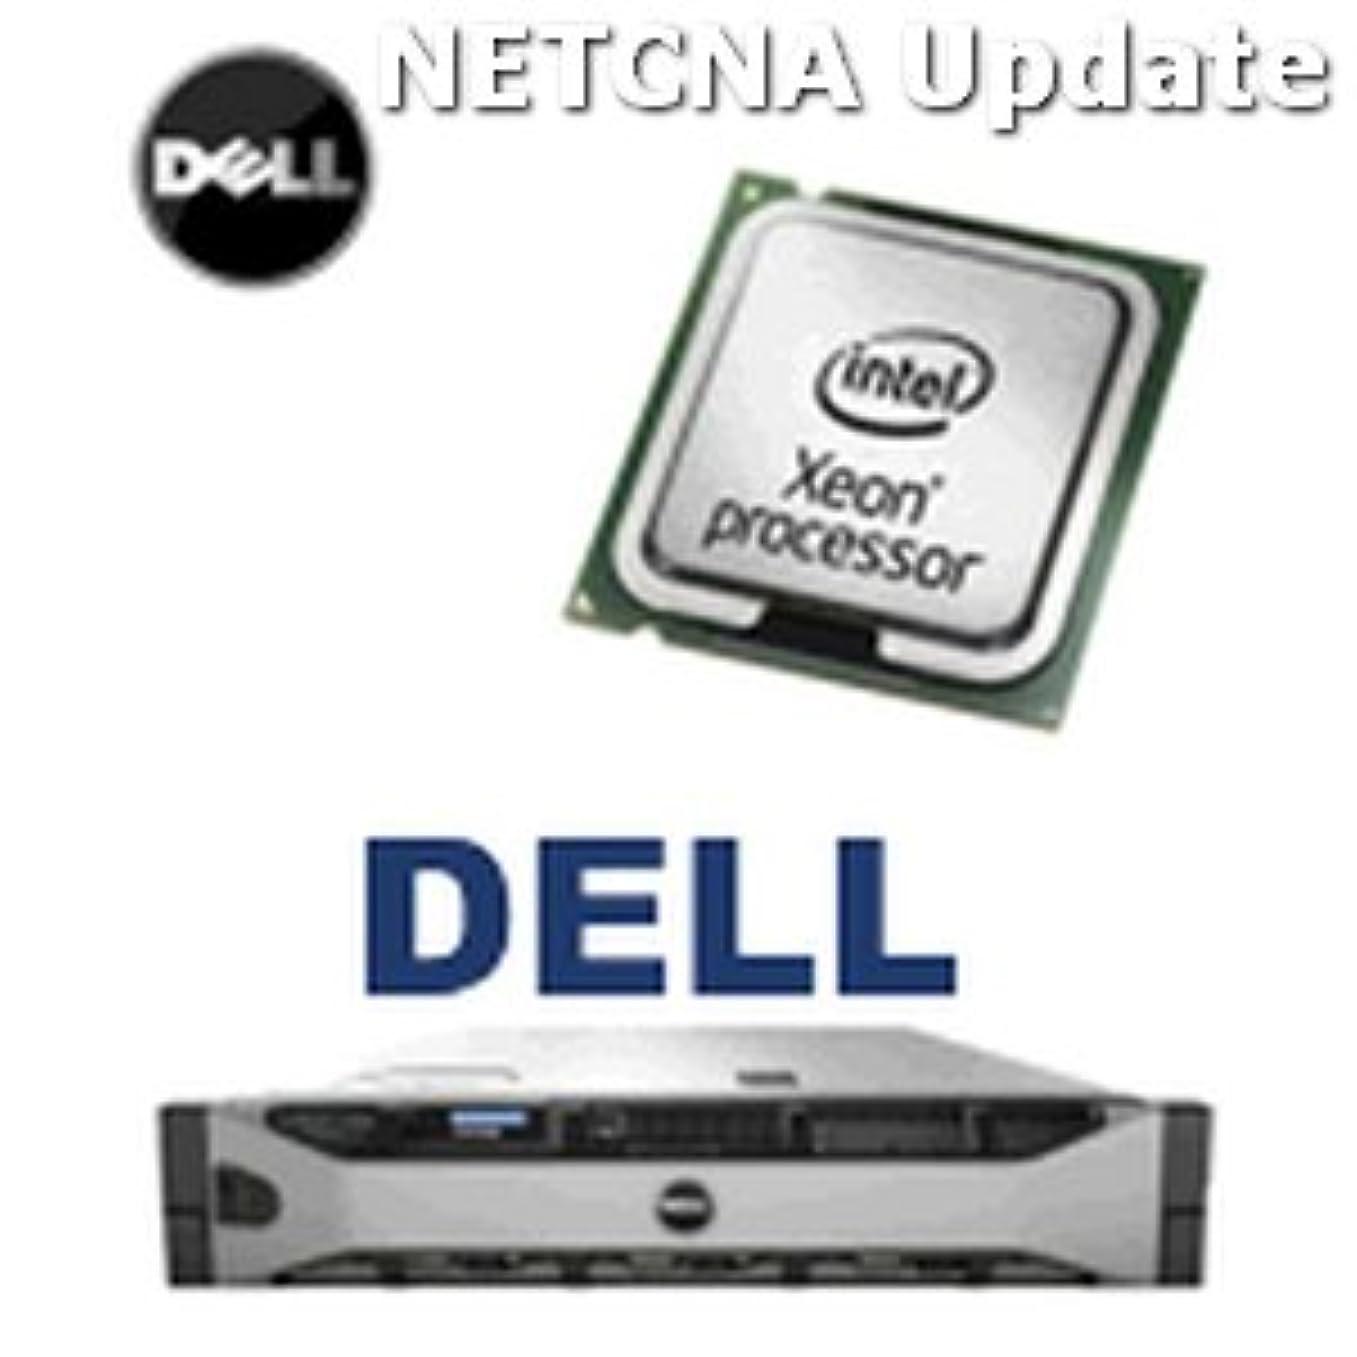 直面するそのフラフープrf923 Dell Intel Xeon 3.8 GHz 800 MHz互換製品by NETCNA